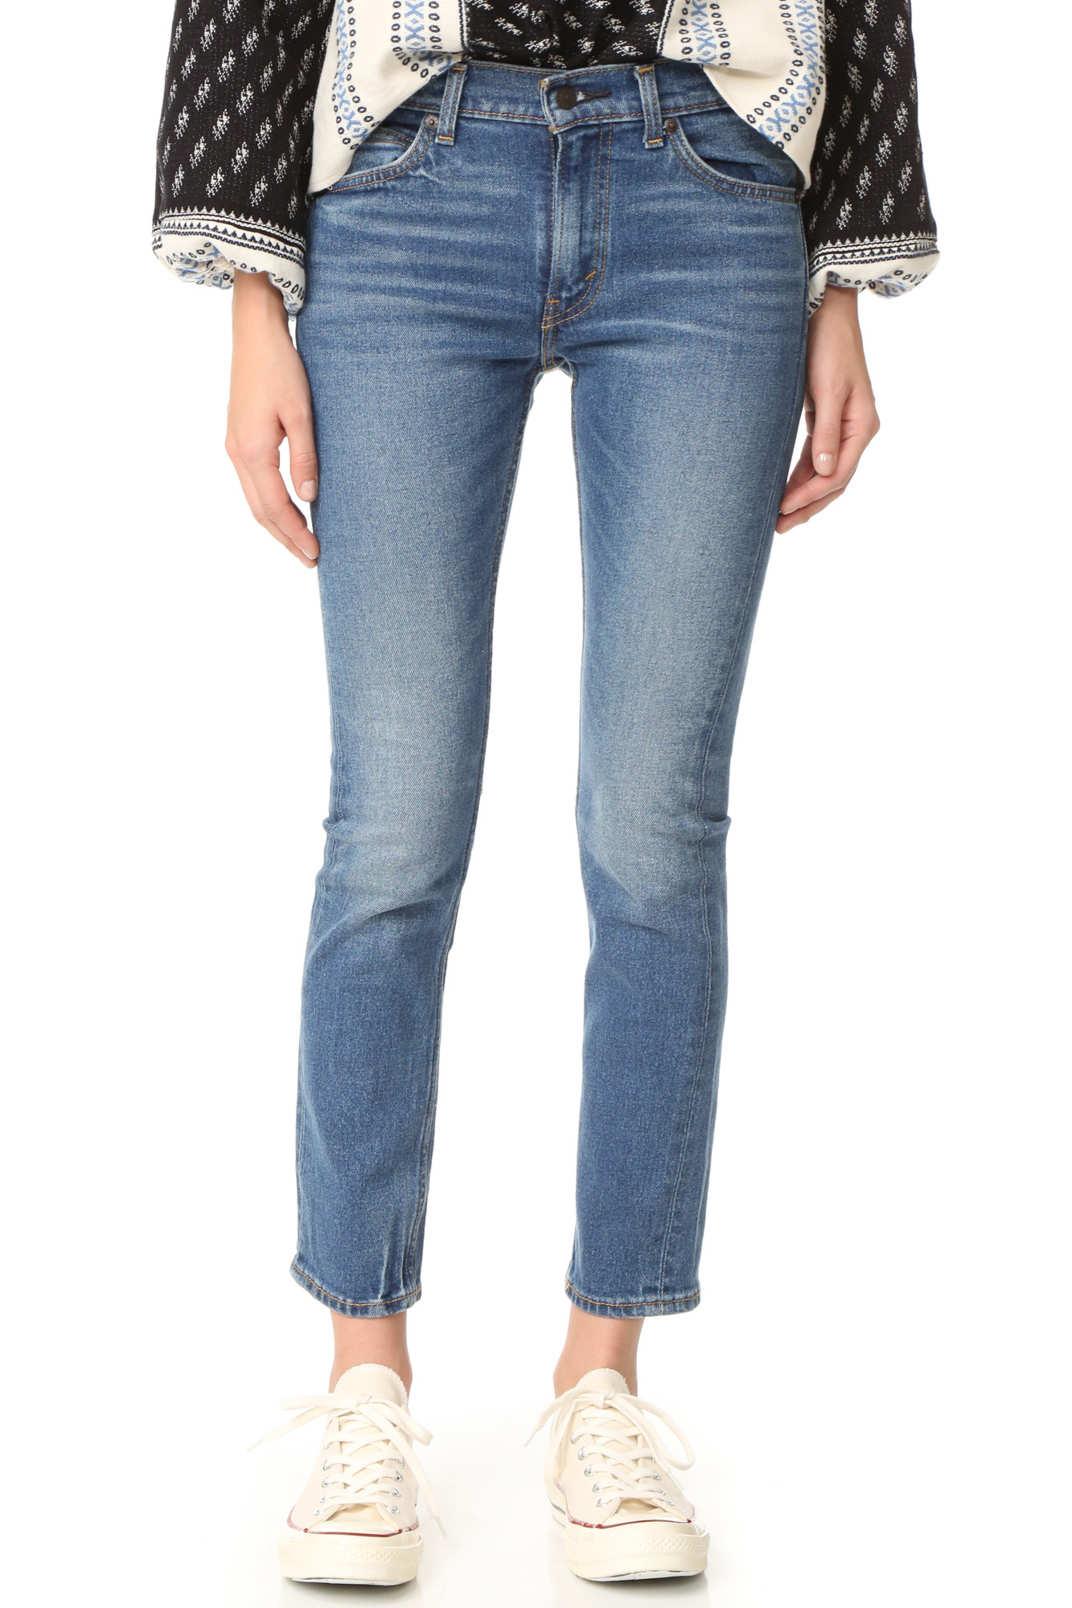 jeans for women best bare ankle jean. u201c hlvcmye